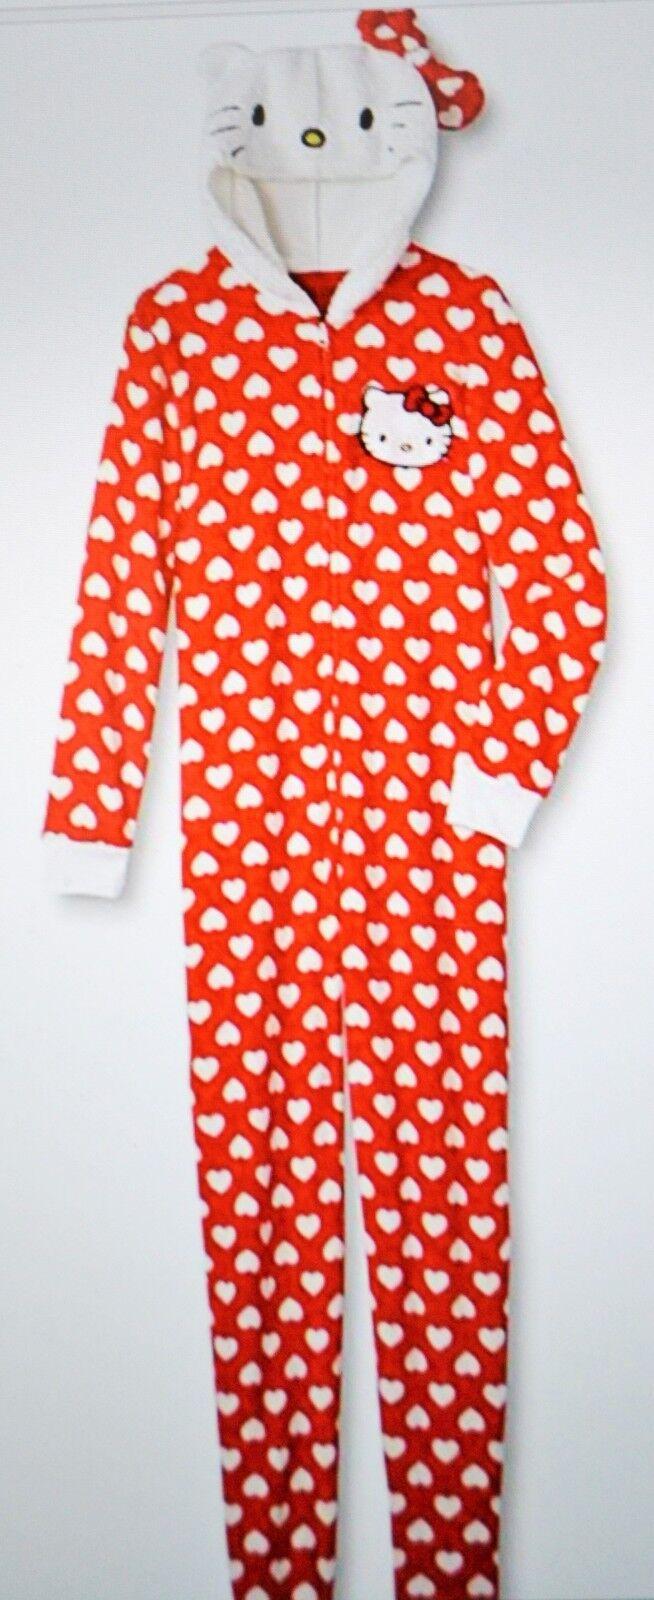 Sanrio Hello Kitty Women's One Piece Polka Dots Pajamas Size Medium NWT